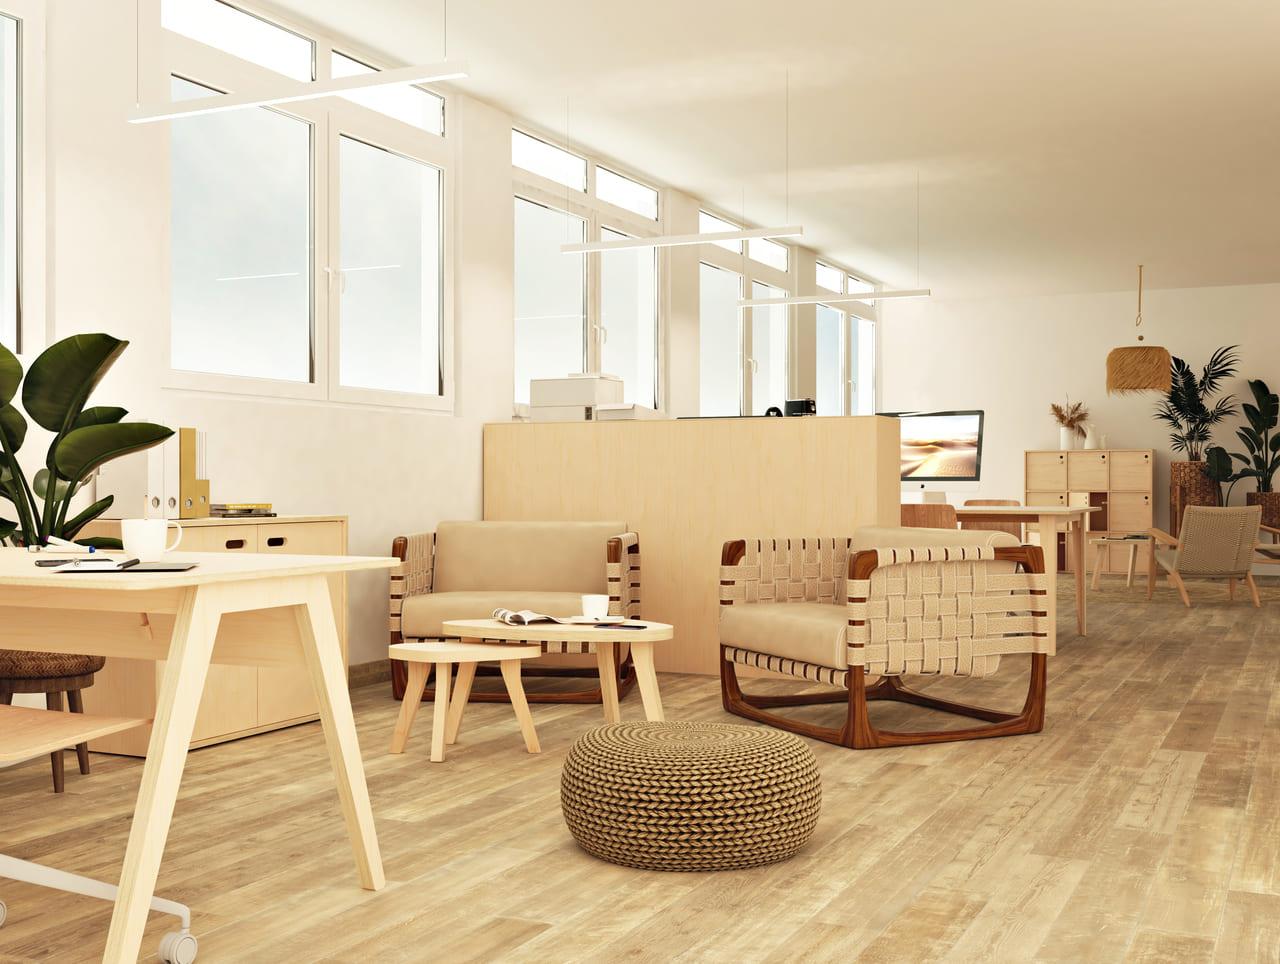 table basse gigogne bois en forme de galet placée devant un fauteuil tressé en bois, dans une salle de pause informelle à l'ambiance bohème ethnique végétale et moderne